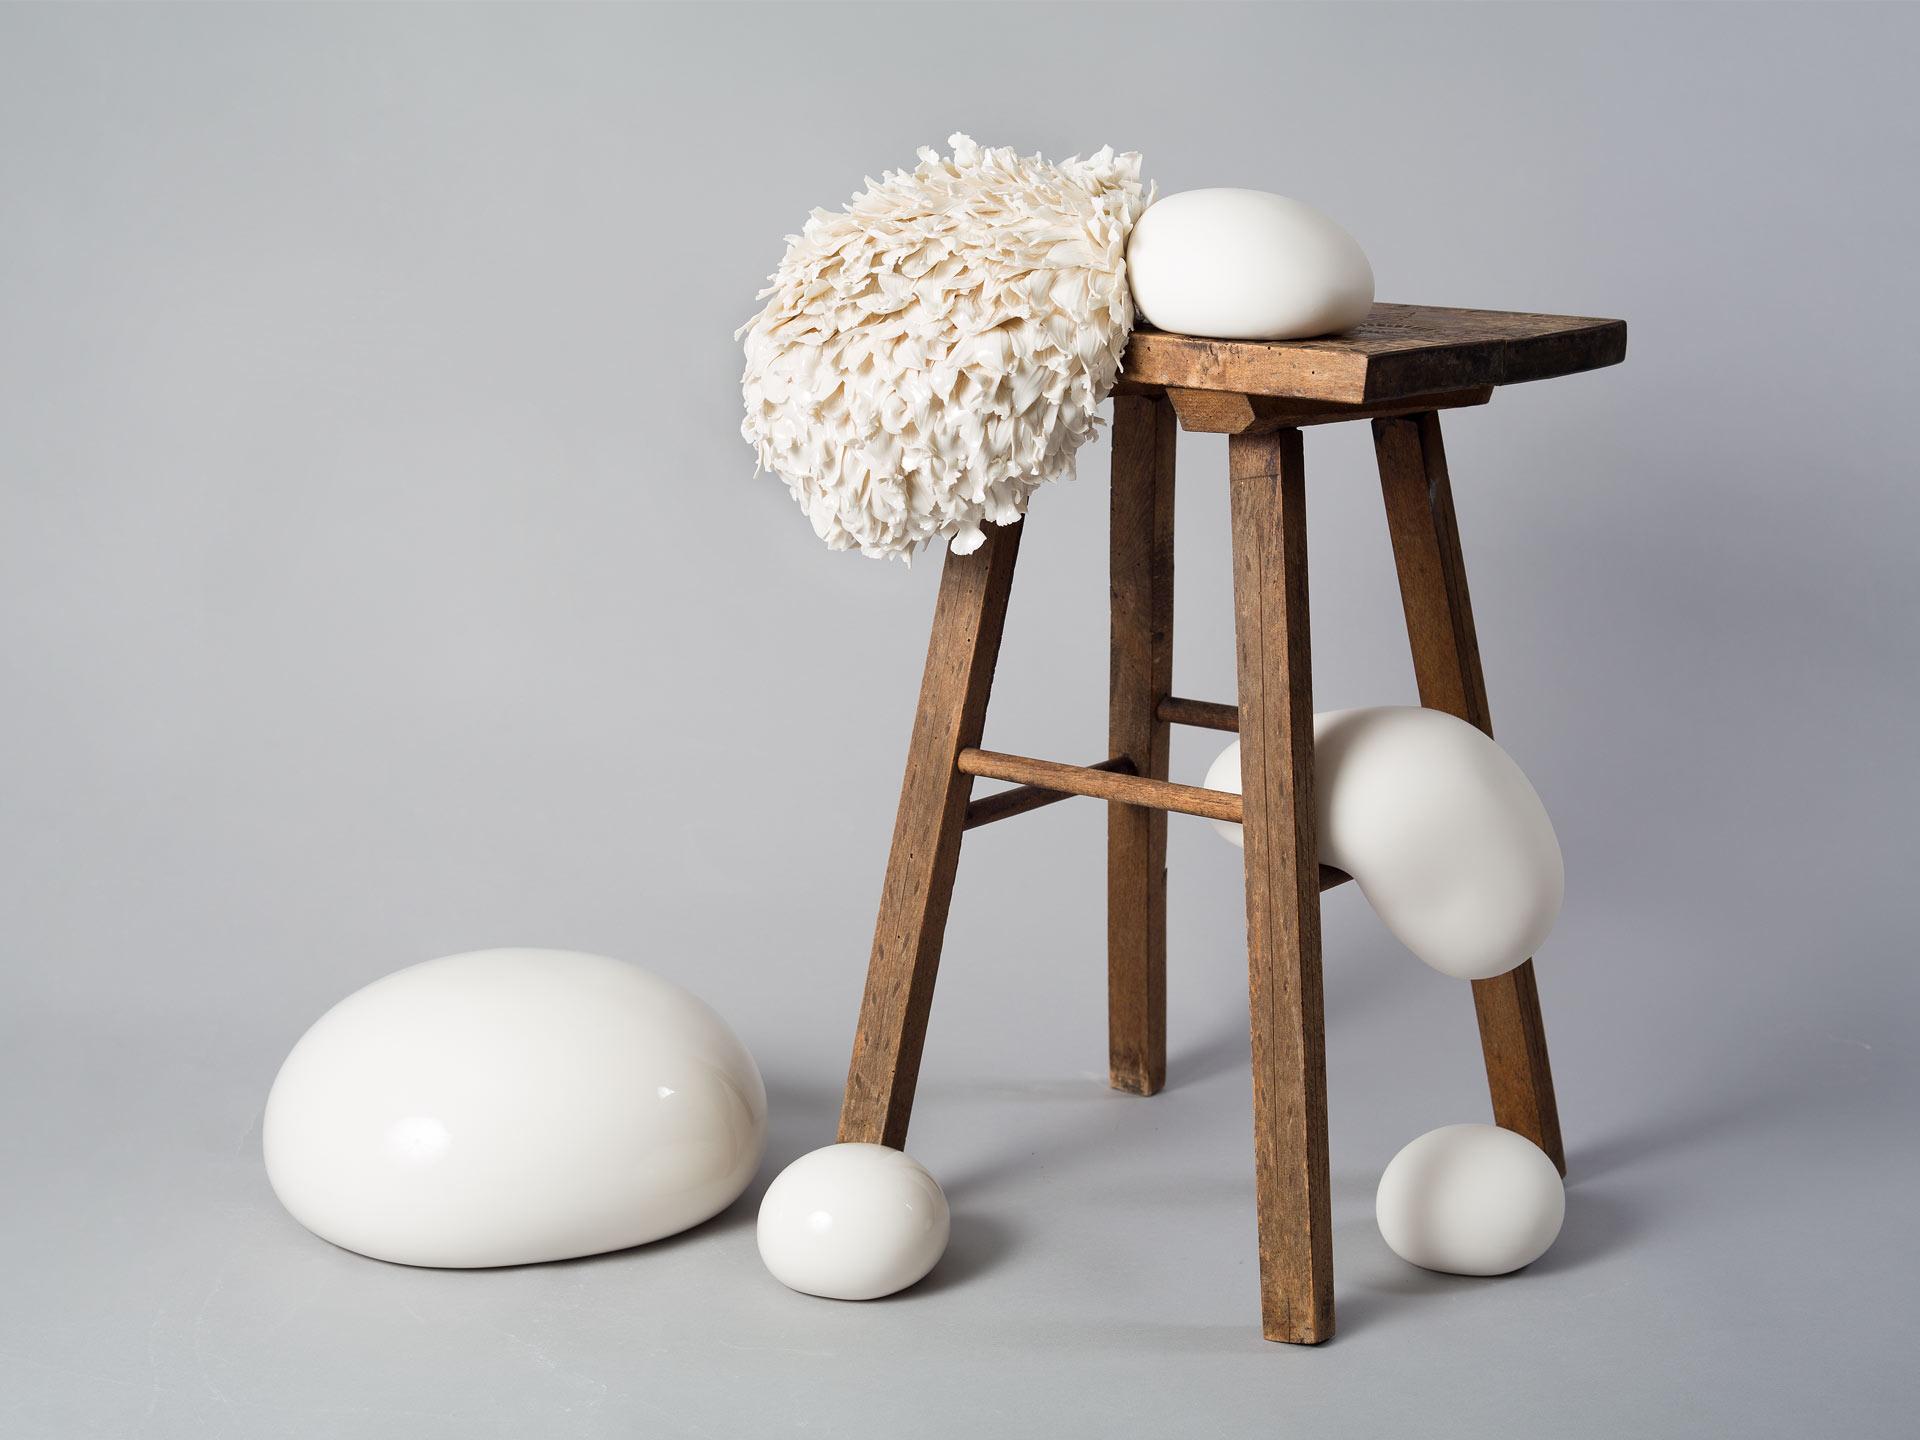 ohne titel ohne anrede veranstaltung museum f r. Black Bedroom Furniture Sets. Home Design Ideas